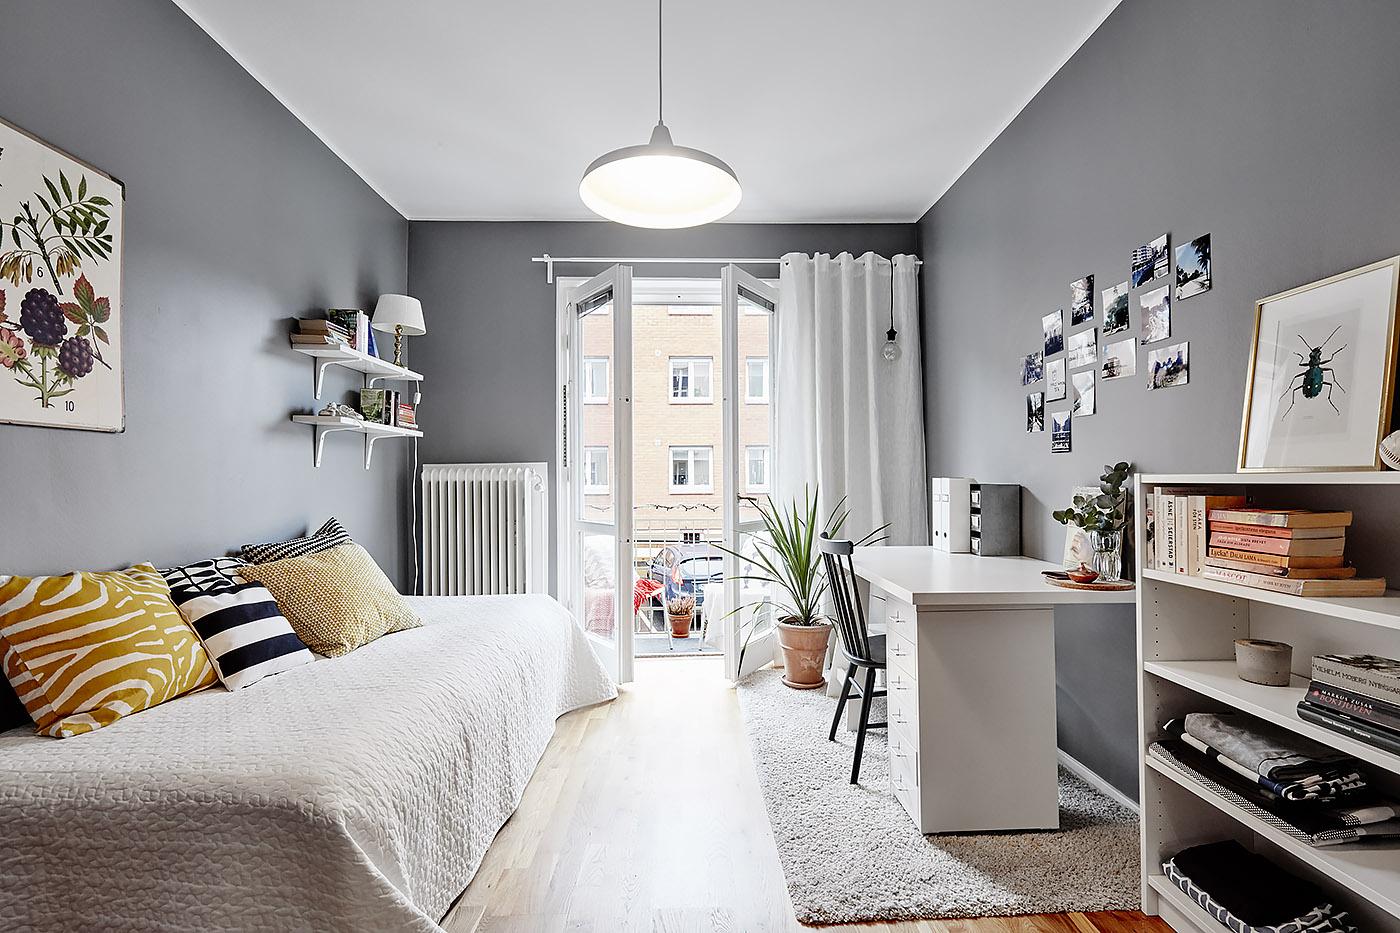 Habitaciones juveniles de estilo n rdico blog tienda for Decoracion de cuartos para jovenes